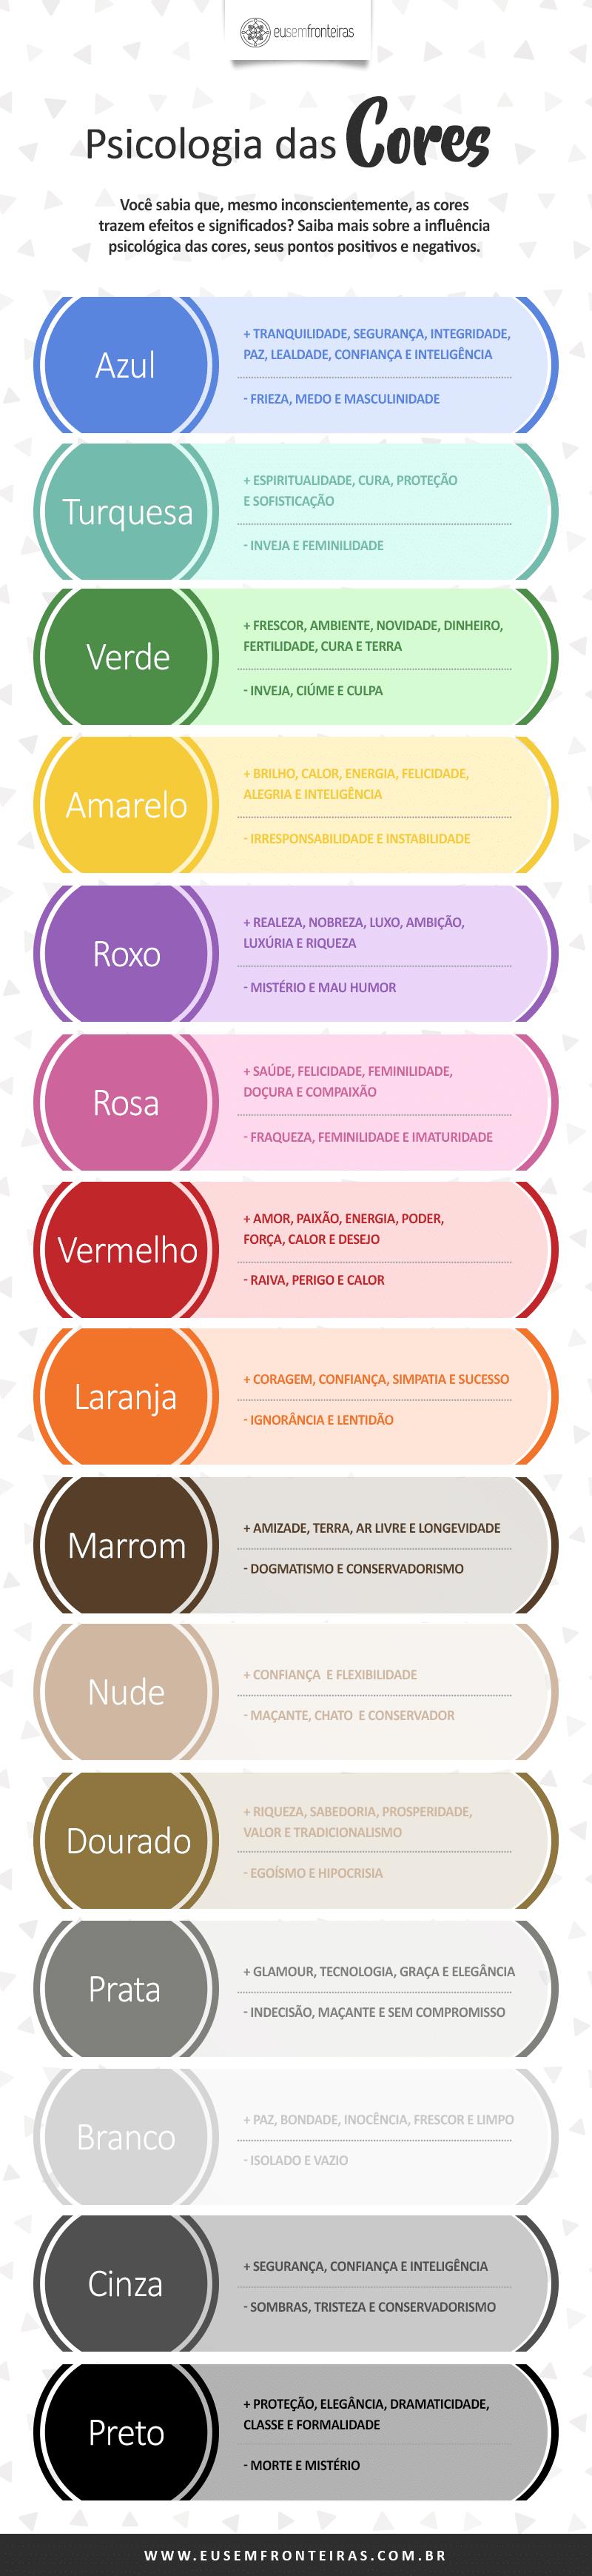 infografico-psicologia-cores